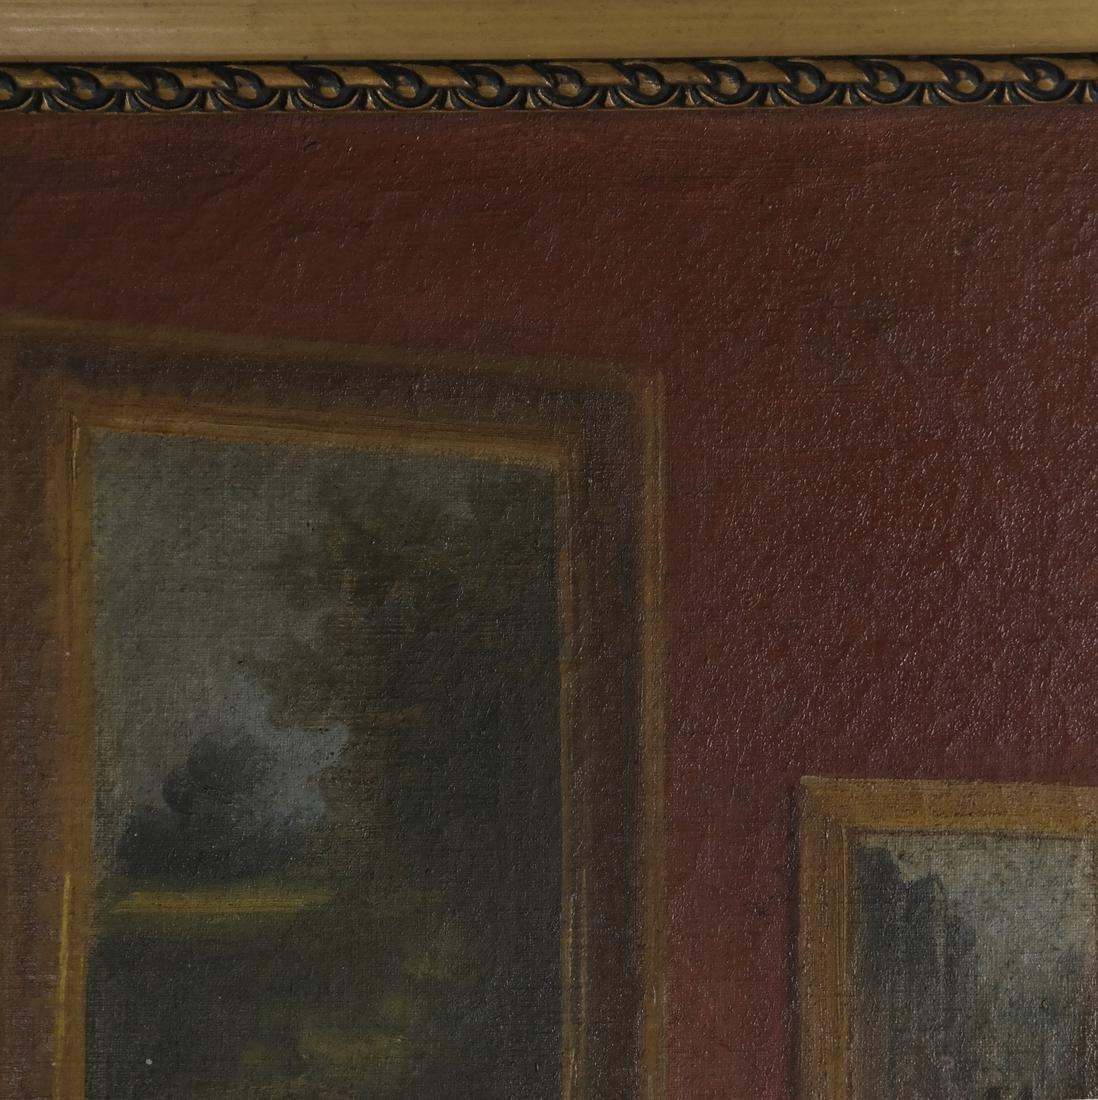 Winkler - Interior Scene - Oil on Canvas - 6